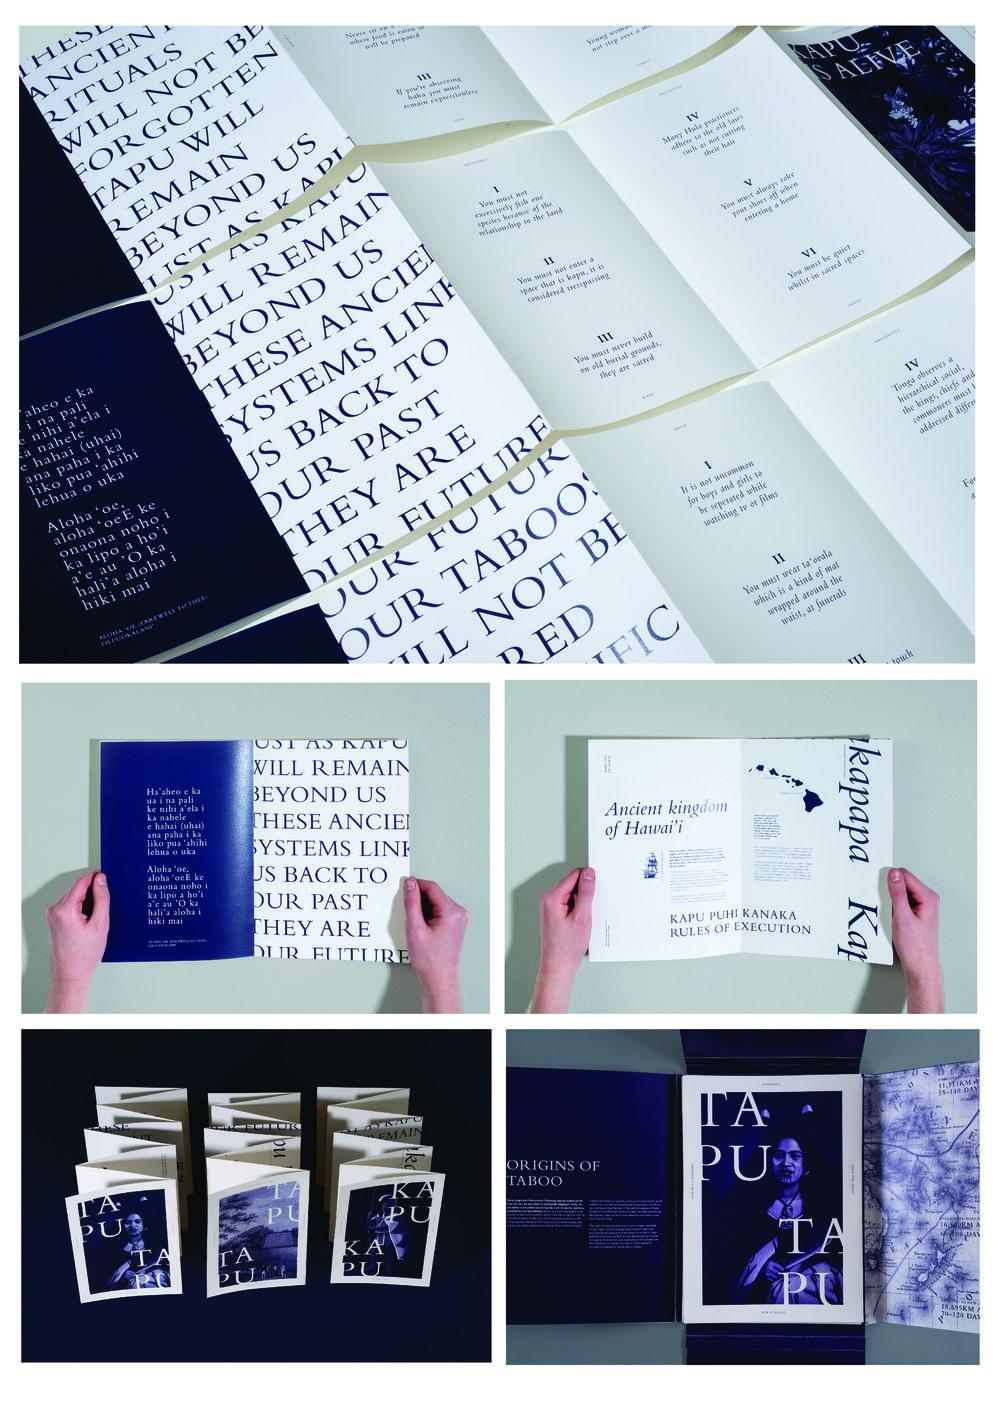 Taboo-01 copy.jpg